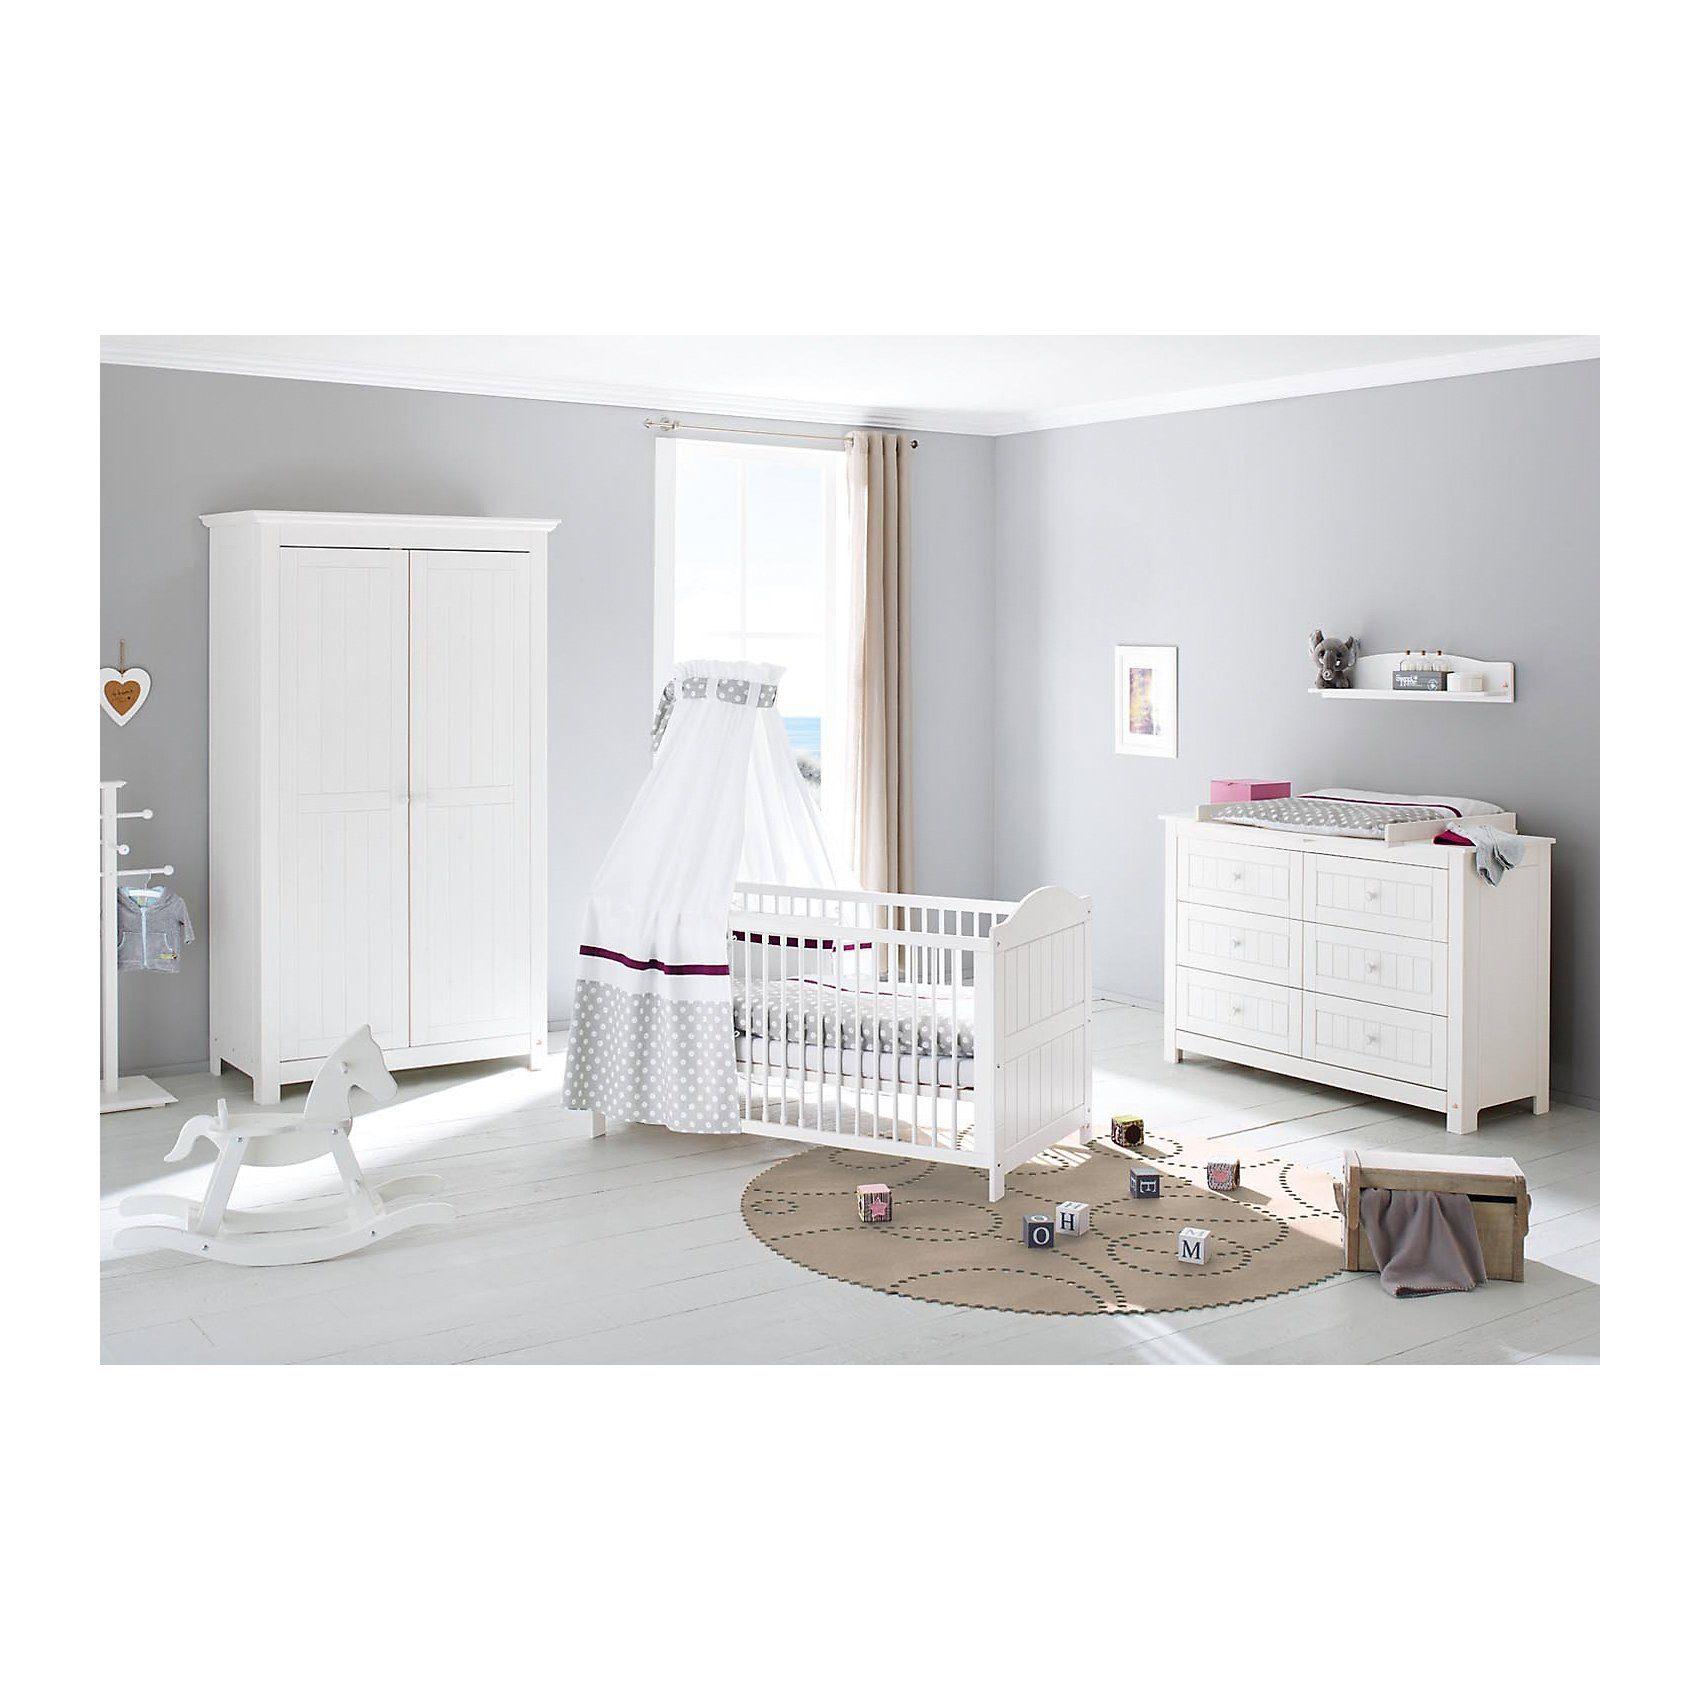 Pinolino Komplett Kinderzimmer NINA extrabreit, (Kinderbett, Wickelko